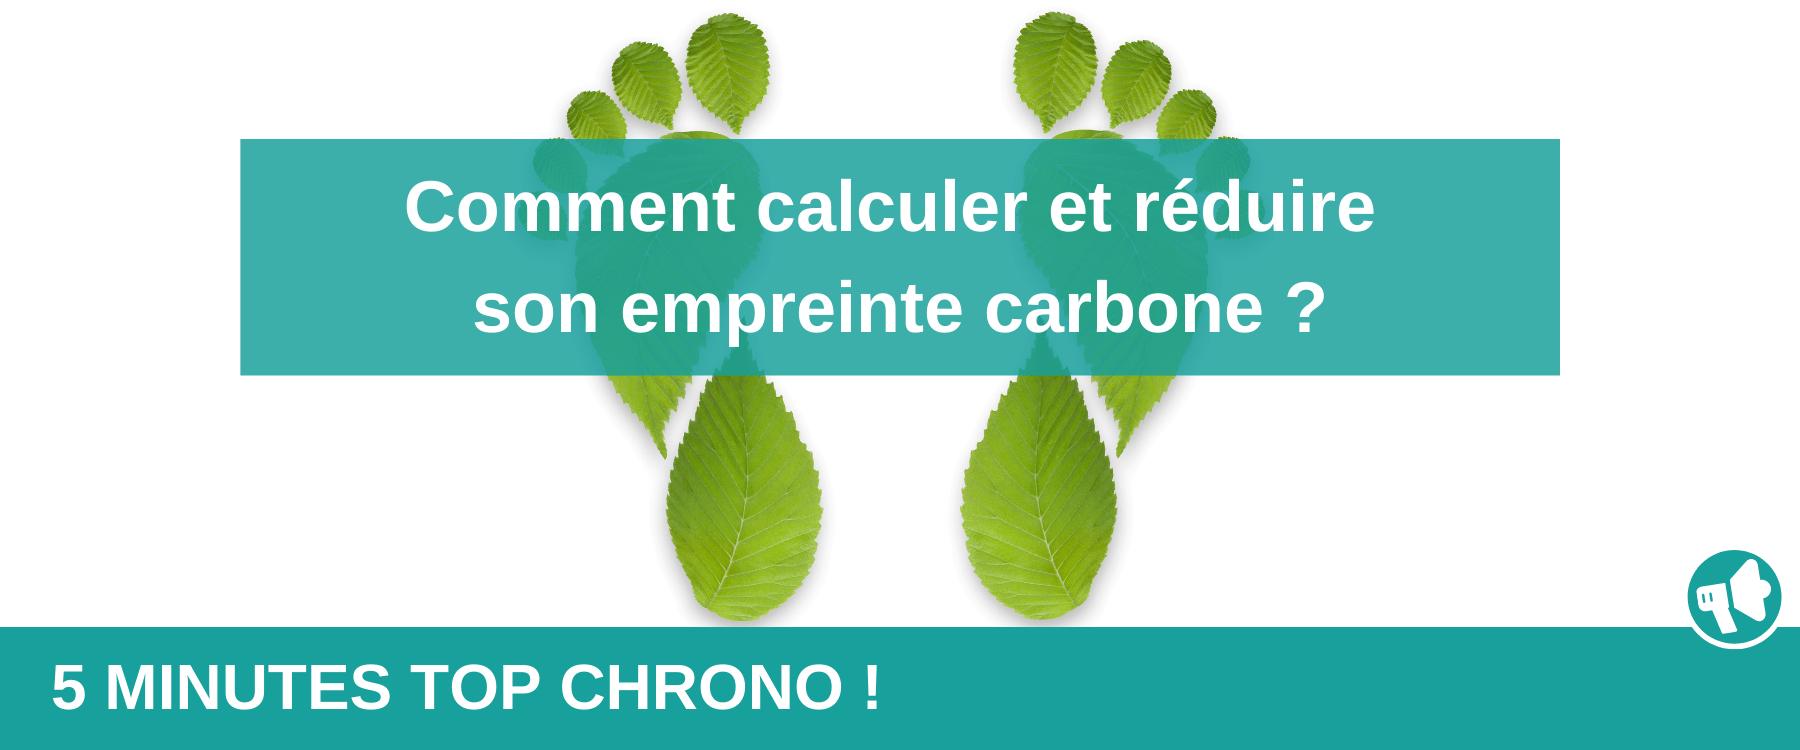 Calculer son empreinte carbone-min